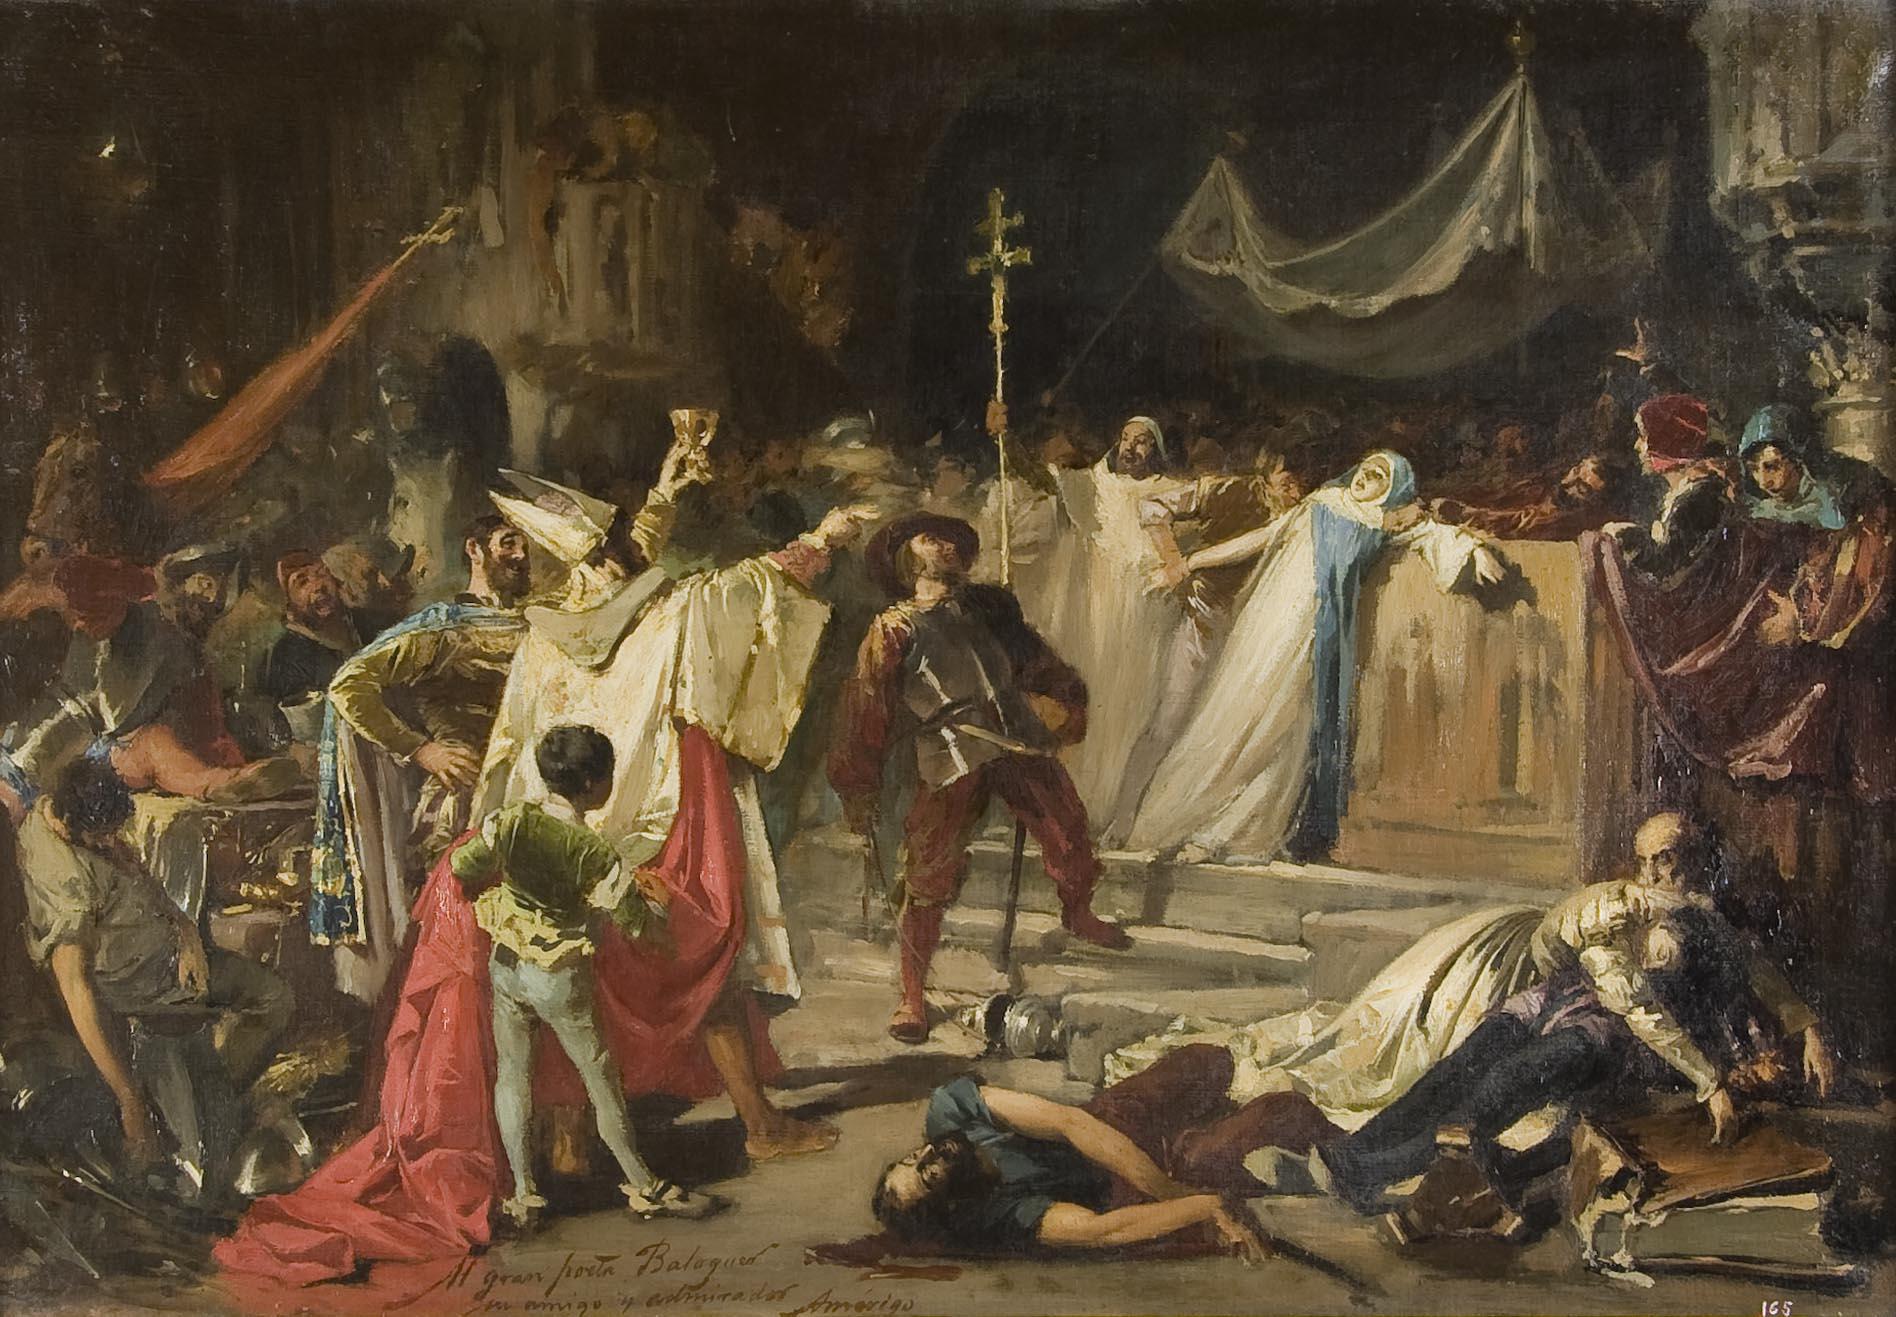 Le sac de Rome : un châtiment miséricordieux